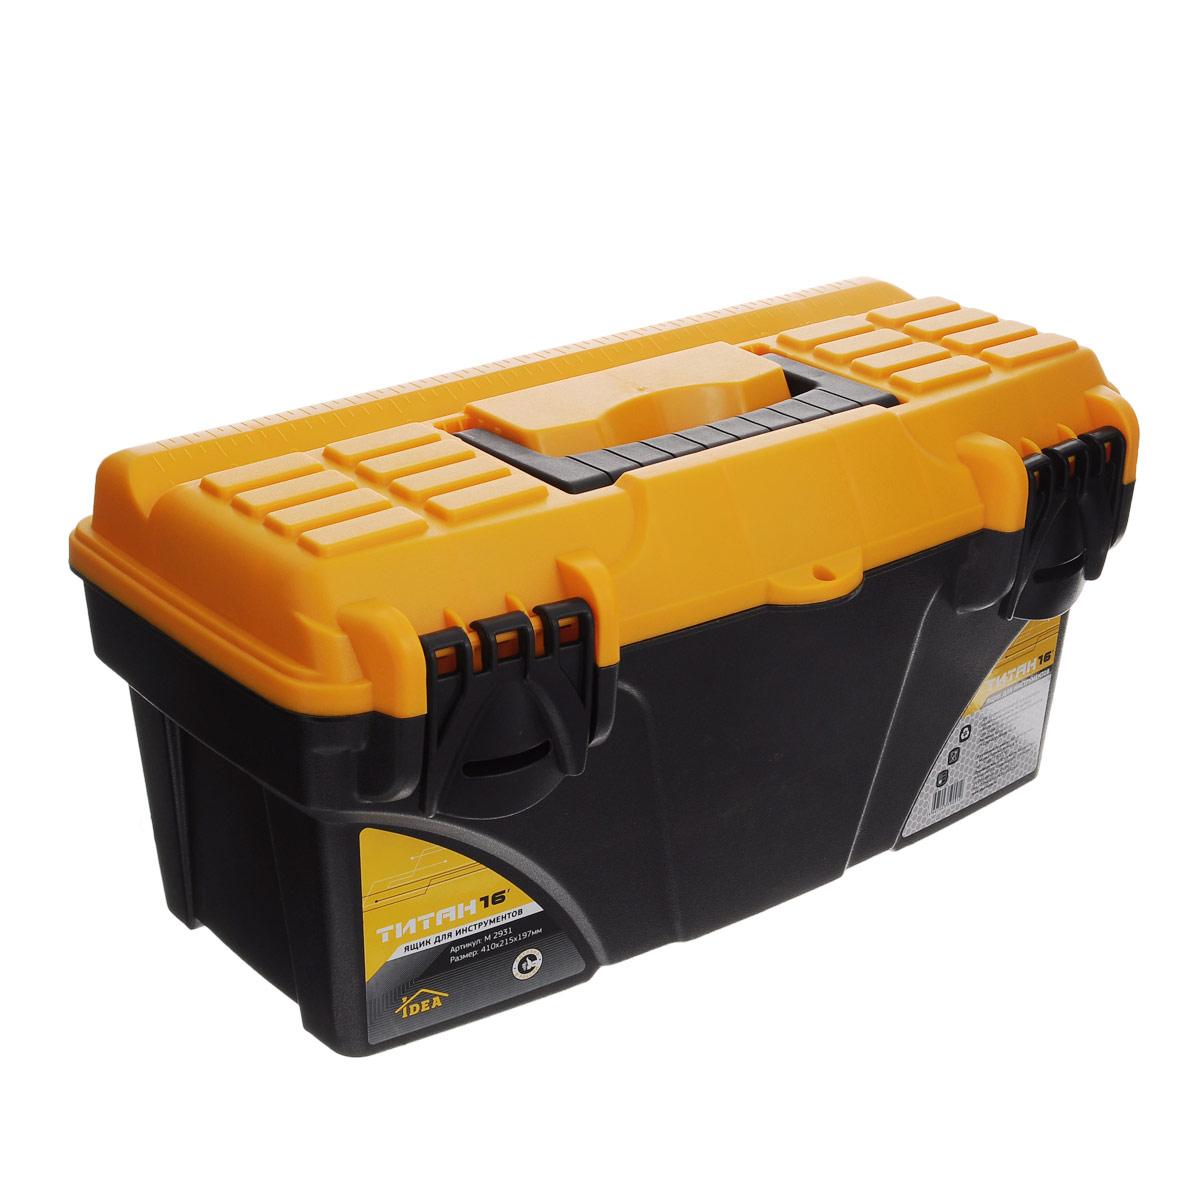 Ящик для инструментов Idea Титан 16, 41 х 21,5 х 19,7 см ящик универсальный econova кристалл 55 5 см х 39 см х 19 см